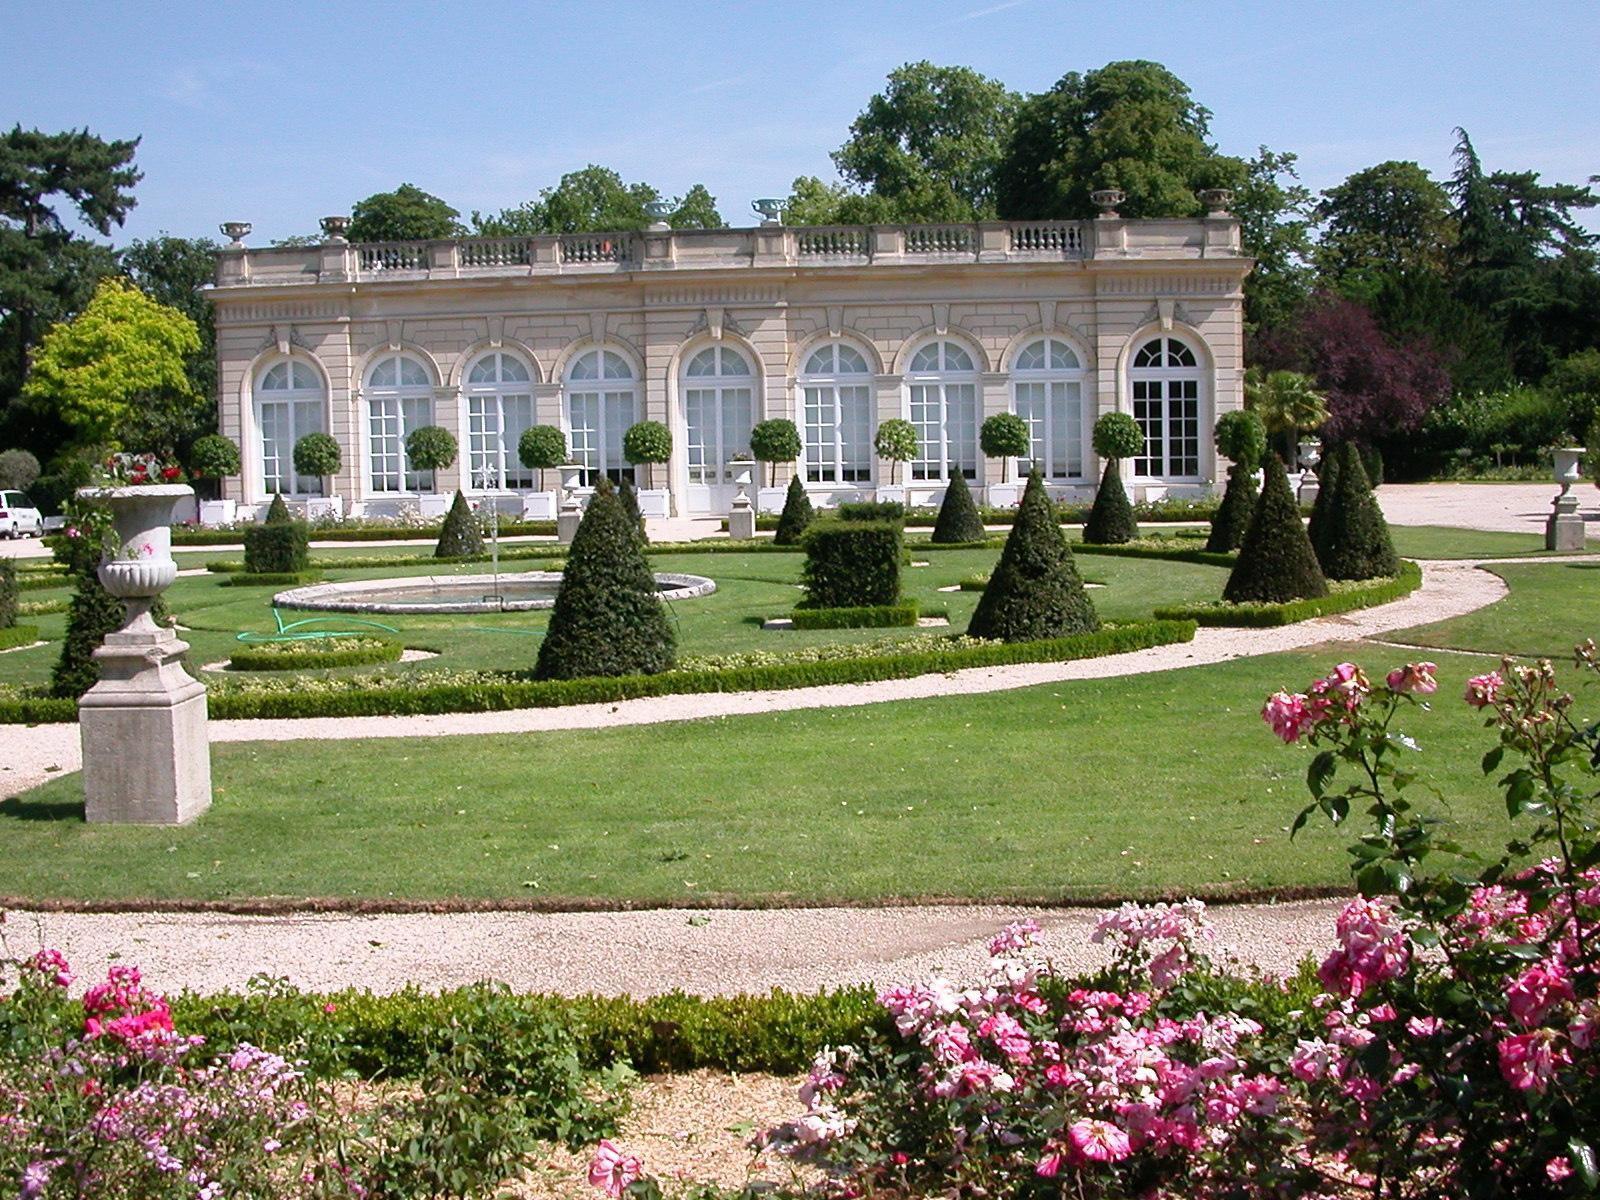 Parcs jardins botaniques arboretums paris 75 page 2 for Bagatelle jardin paris